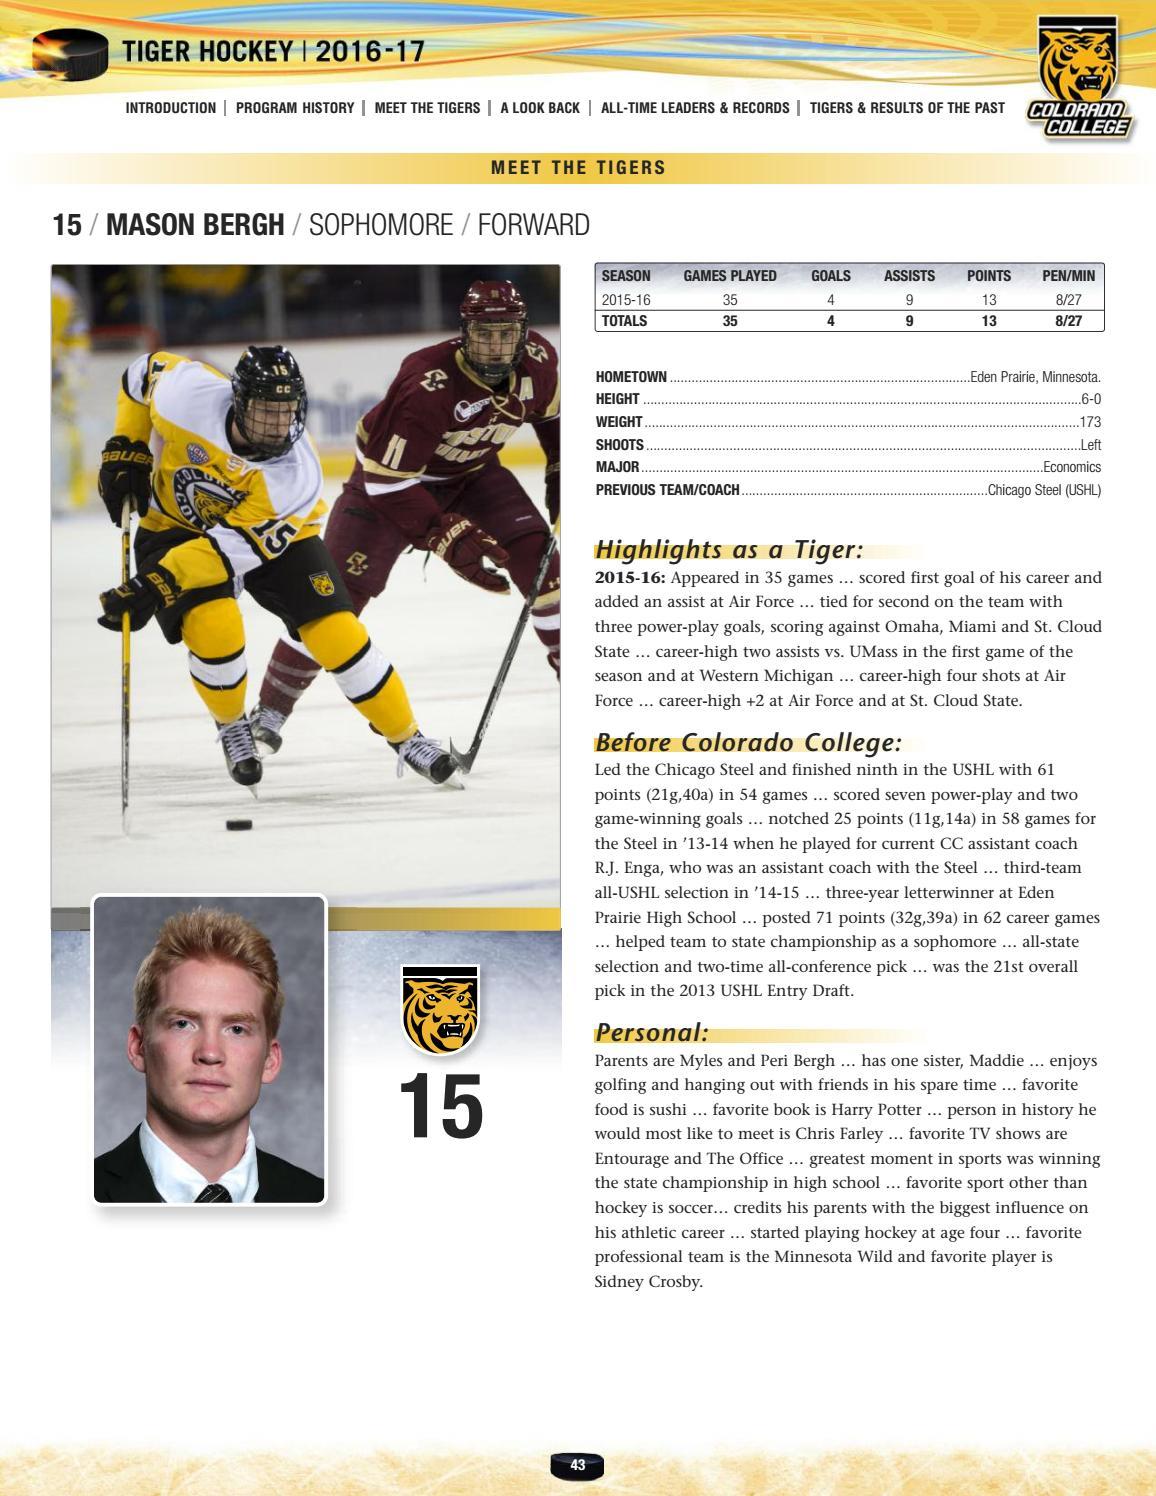 Colorado College | Tiger Hockey Media Guide 2016-17 by